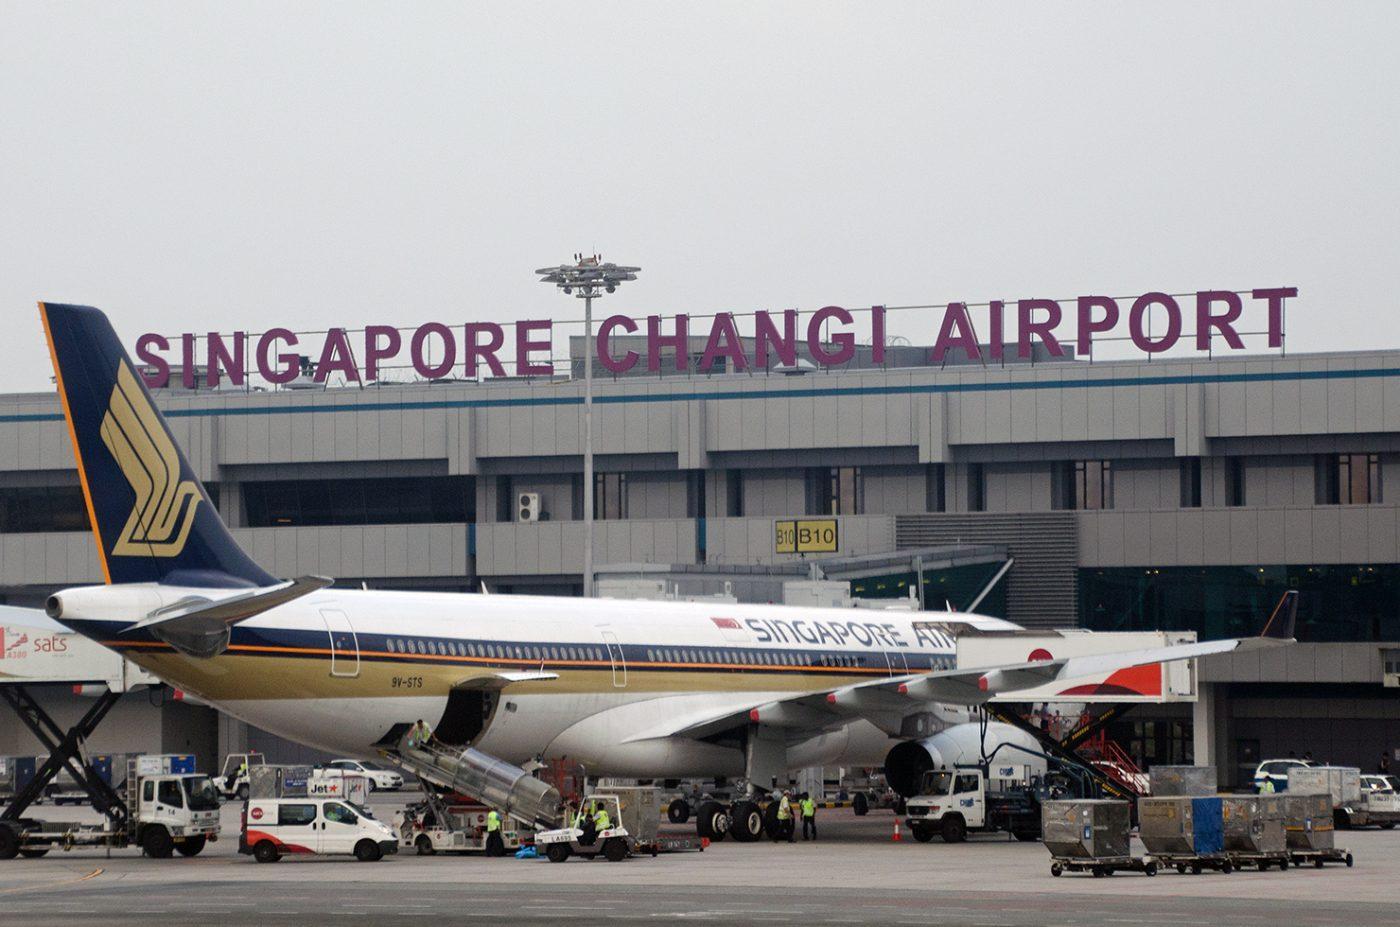 Аэропорт Чанги и транспорт Сингапура